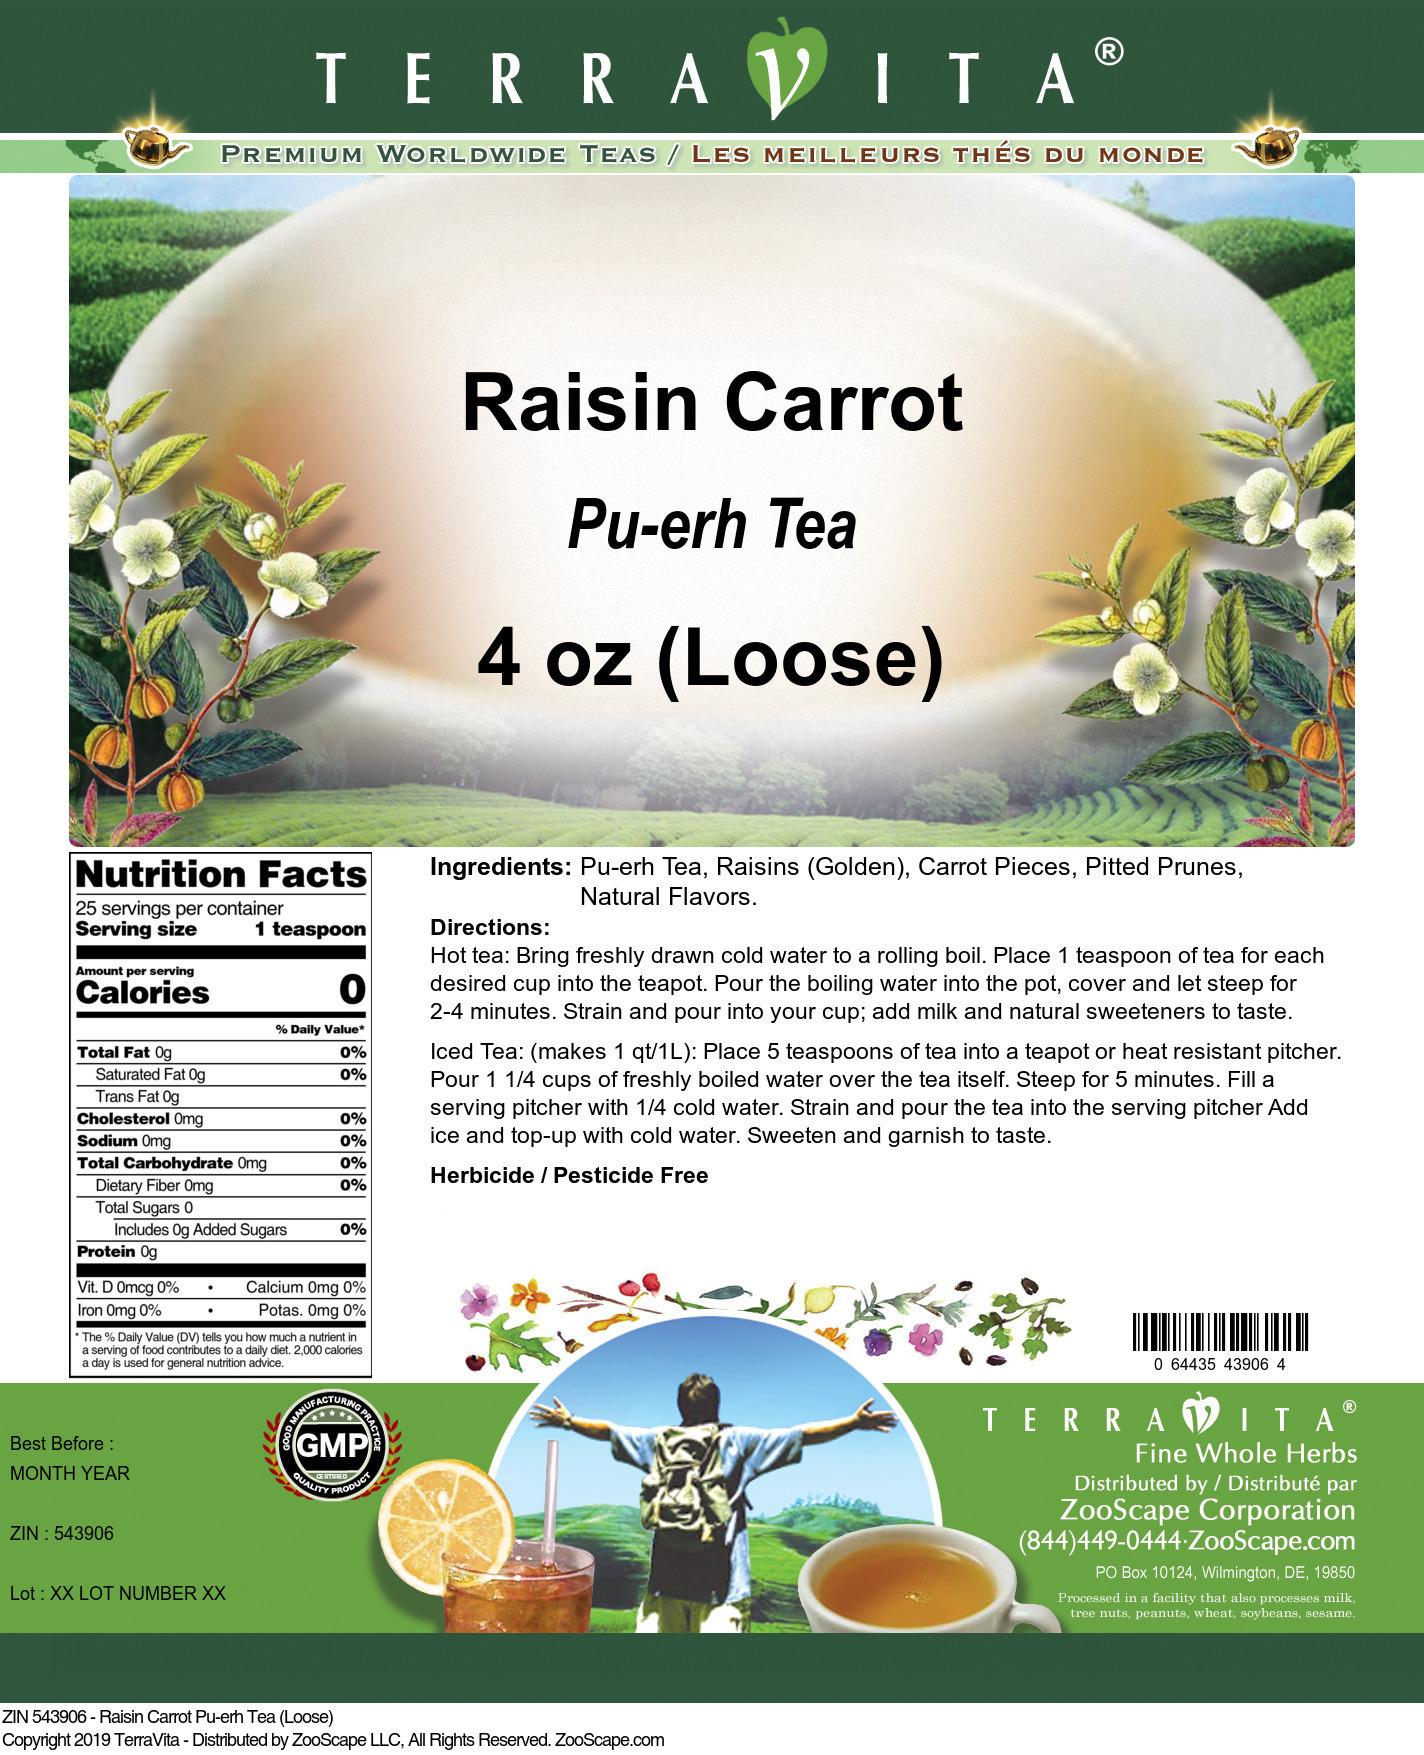 Raisin Carrot Pu-erh Tea (Loose)